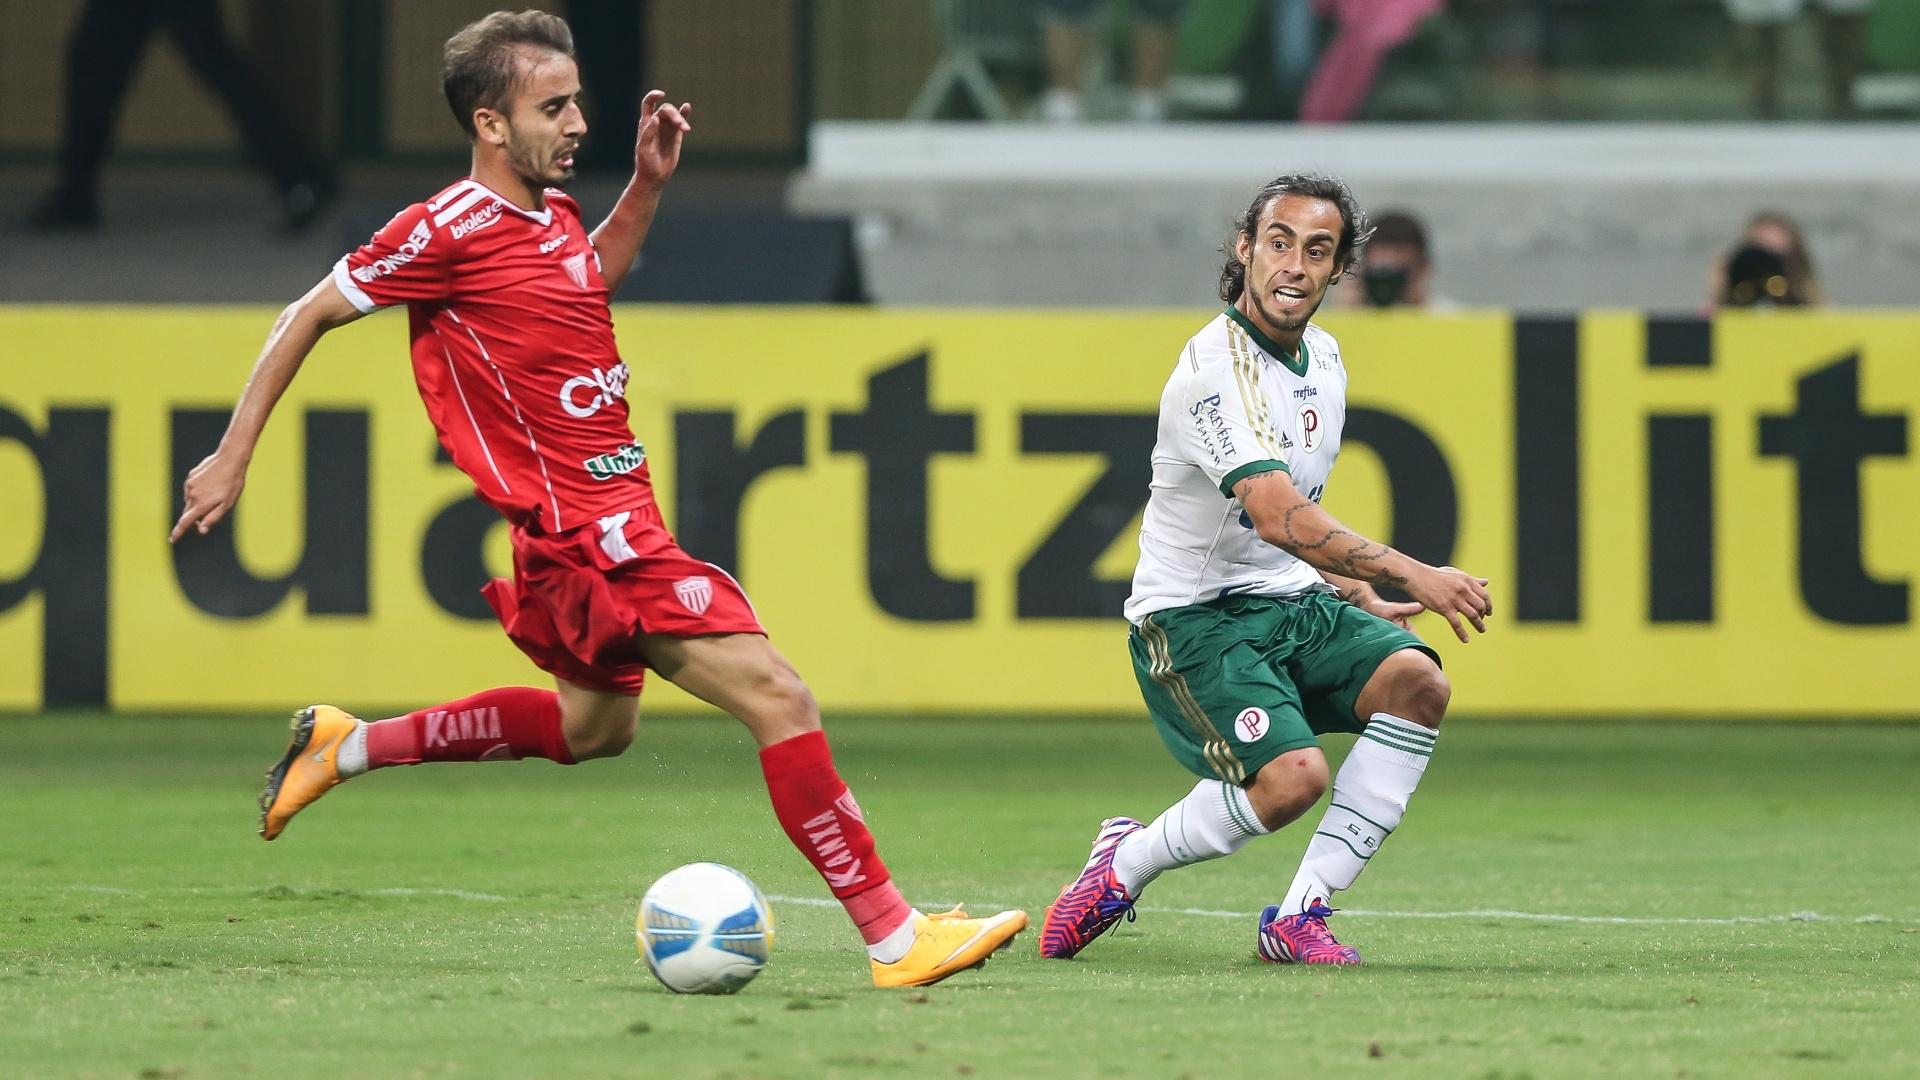 Valdívia fez sua primeira partida pelo Palmeiras em 2015 contra o Mogi Mirim